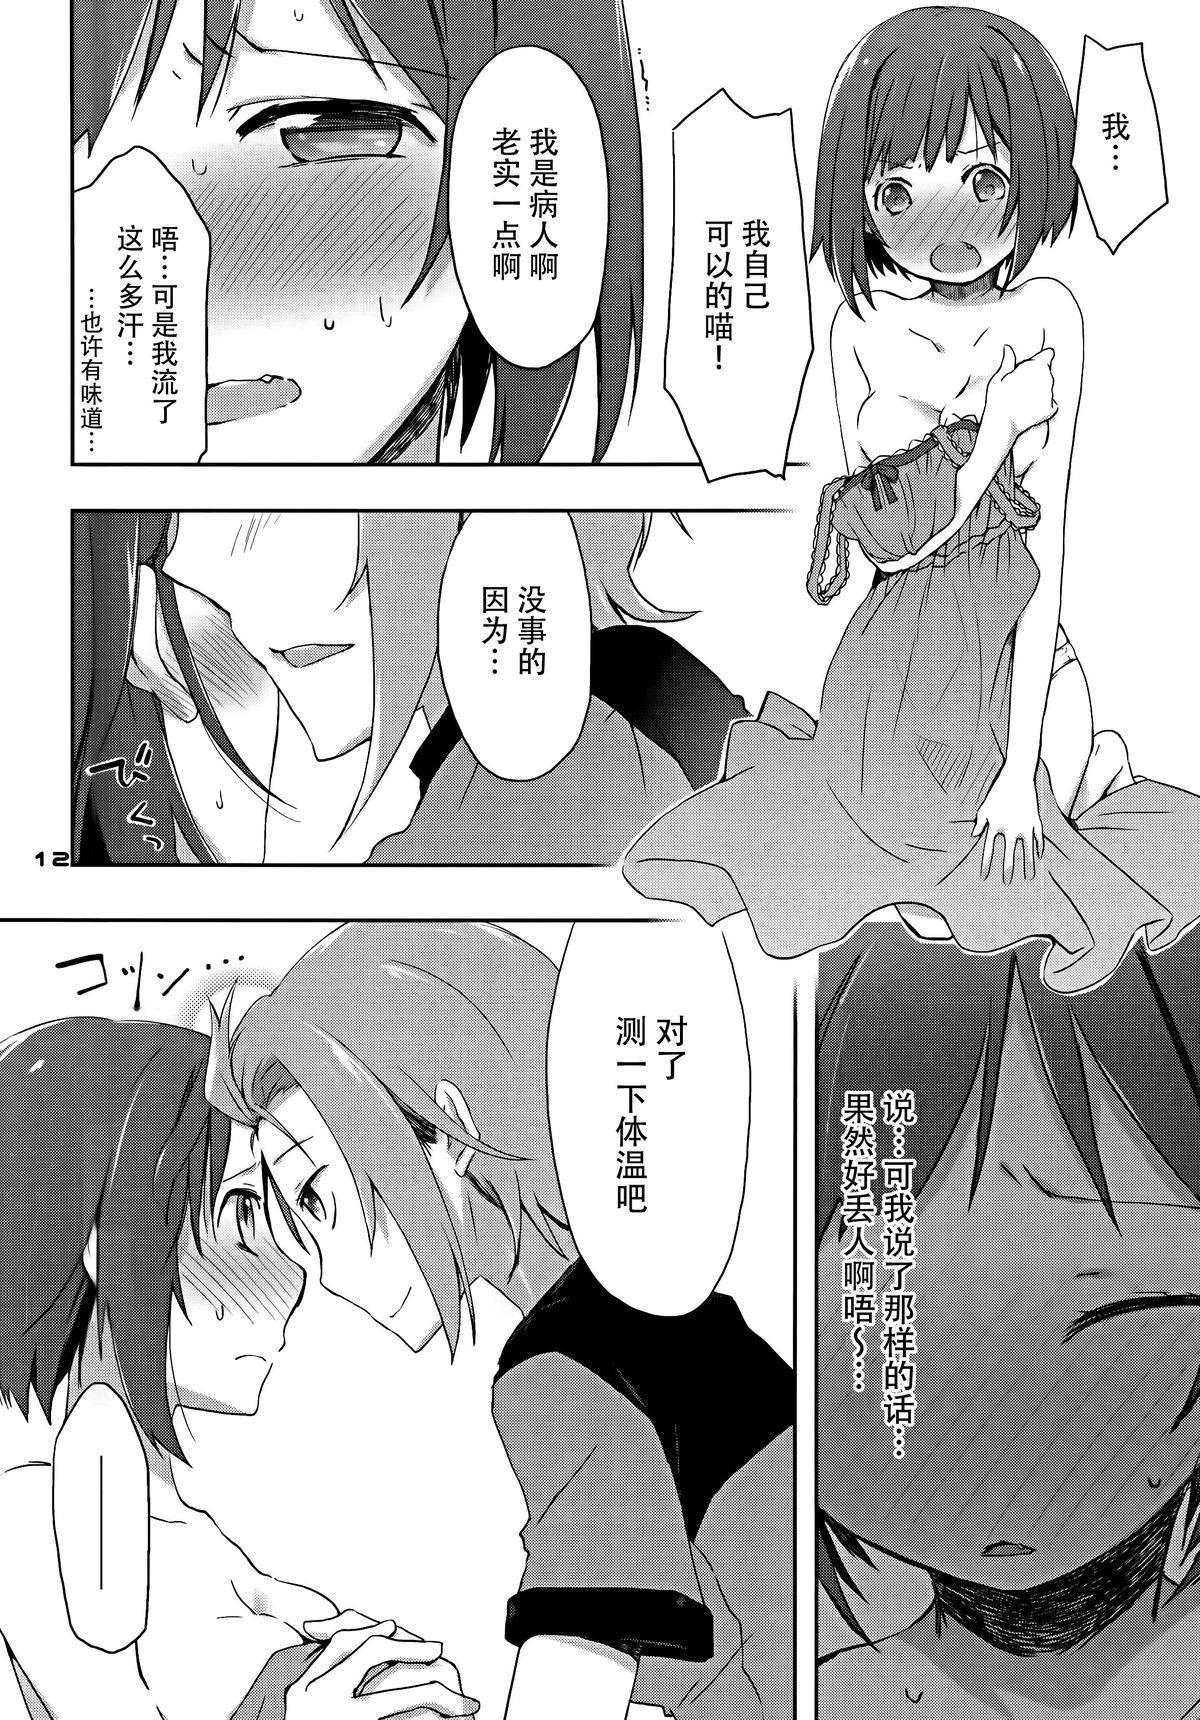 2269 Misoshiru Hen 9